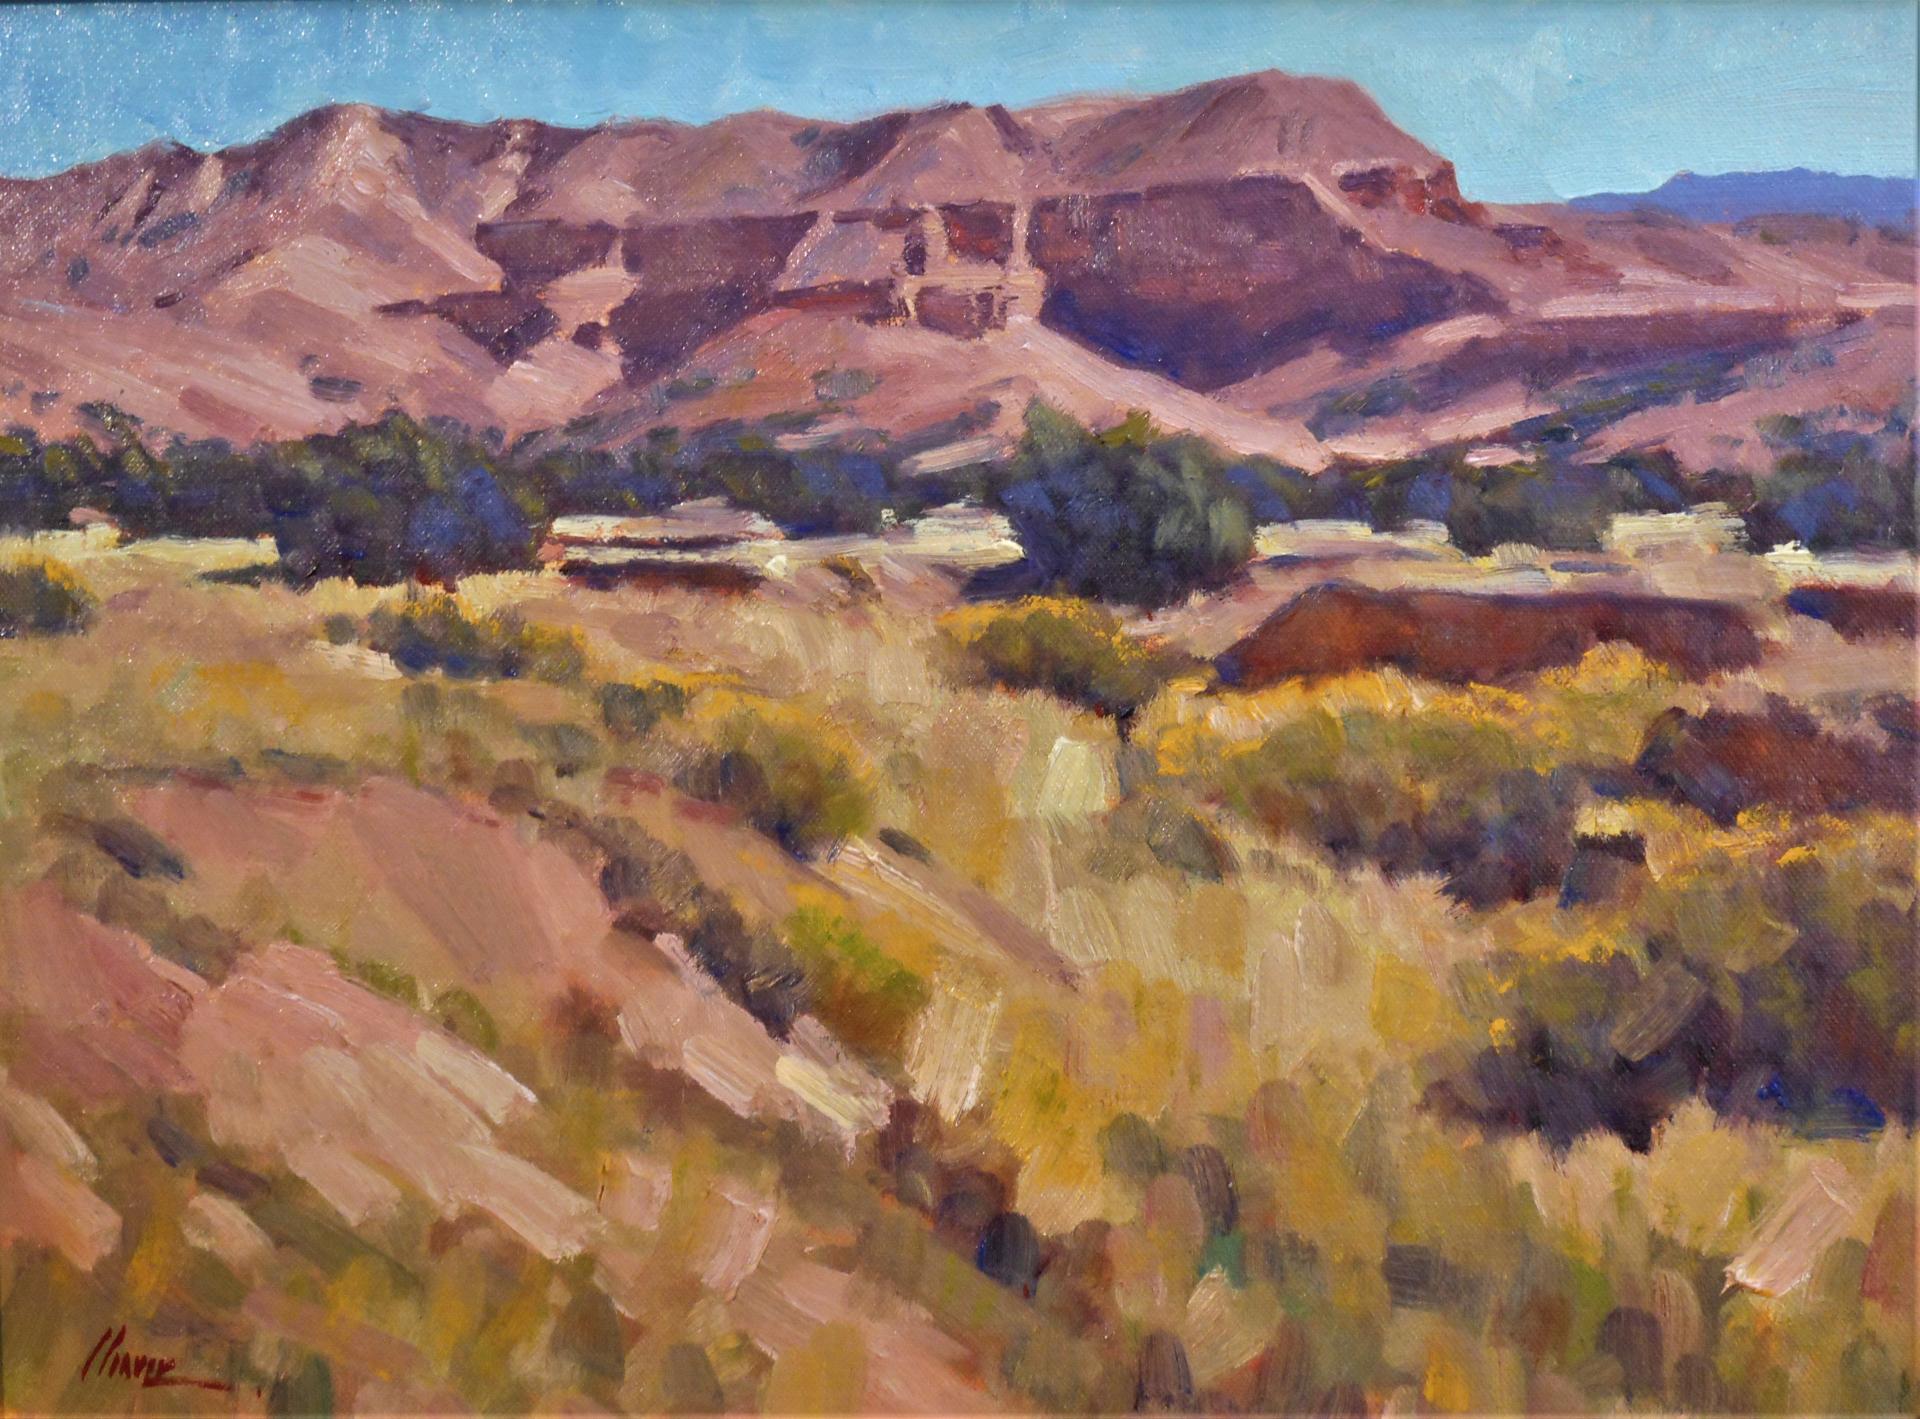 Tesuque Pueblo by Lorenzo Chavez